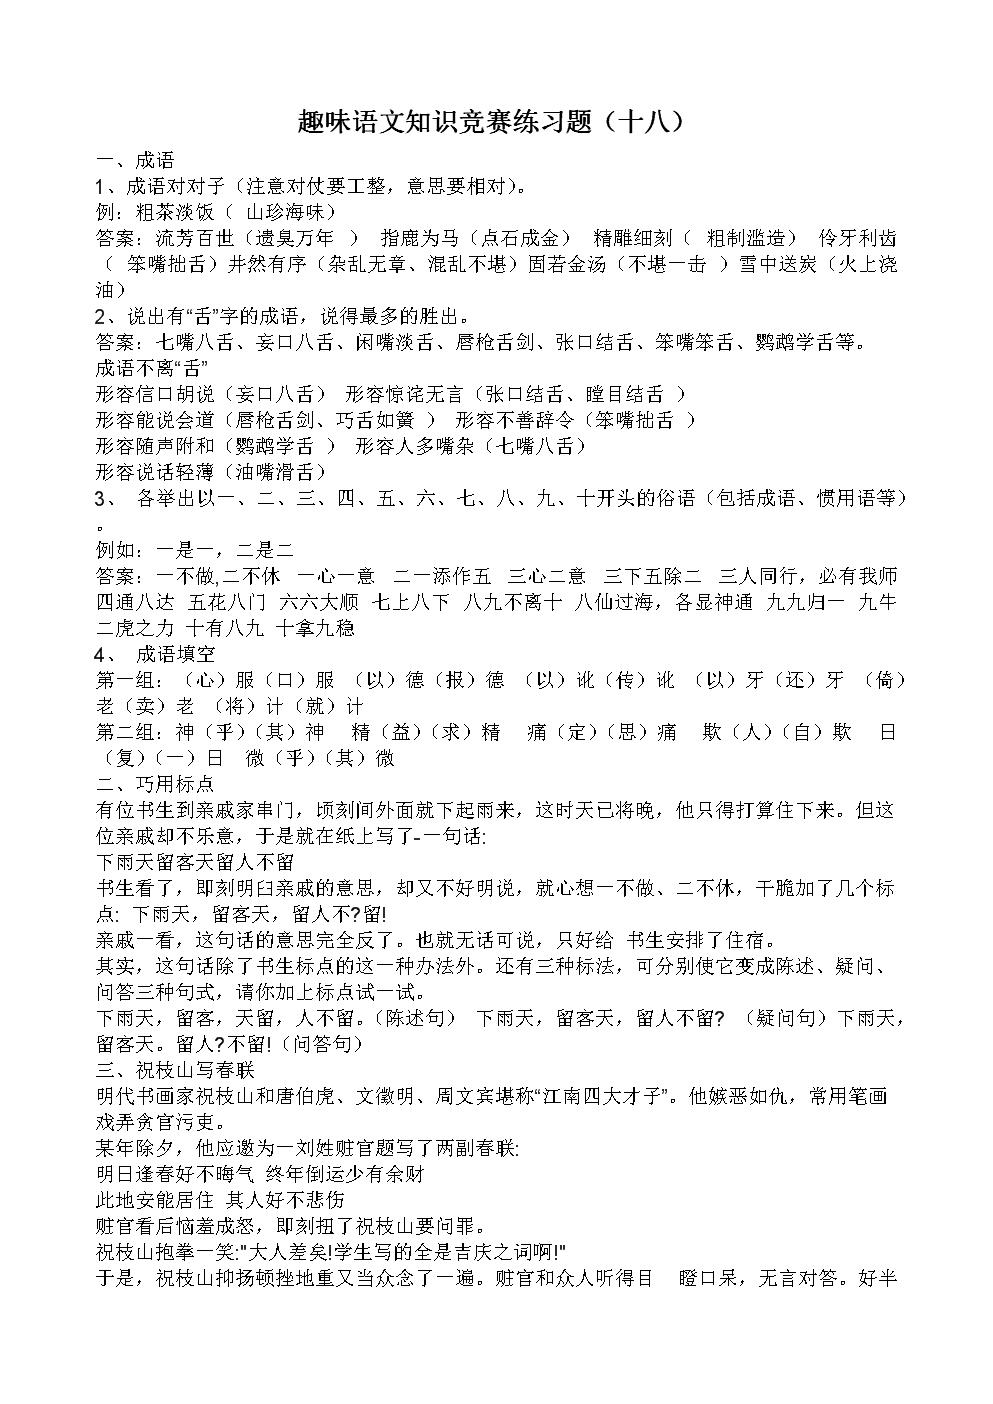 趣味语文练习题详细完整版.doc